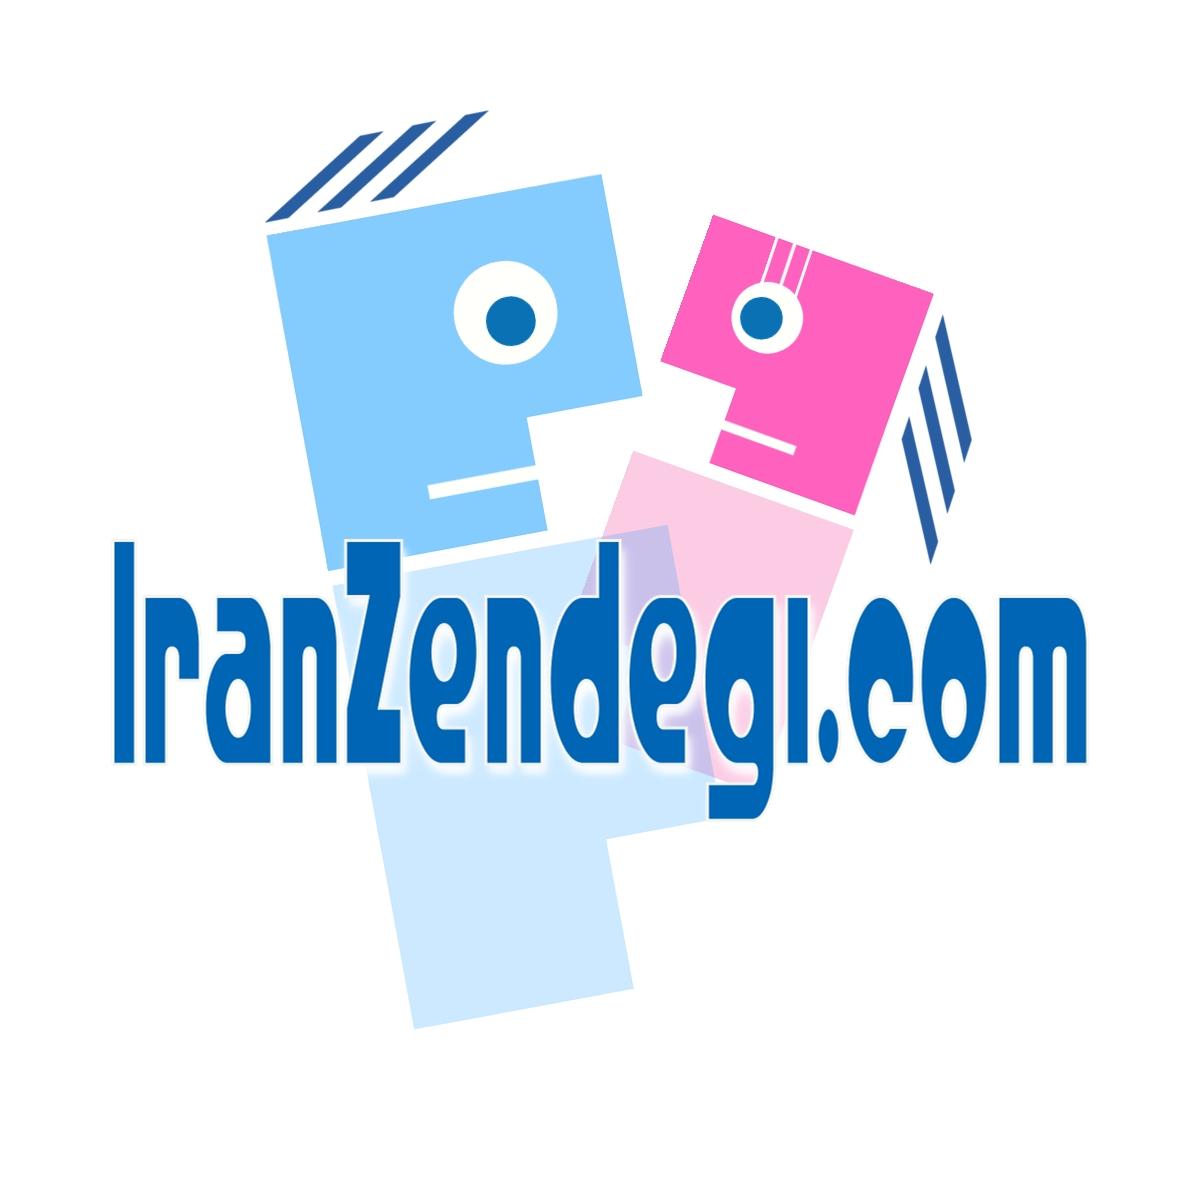 ایران زندگی - به روز رسانی :  11:17 ص 89/4/9 عنوان آخرین نوشته : رفع فیلتر سایت ایران زندگی